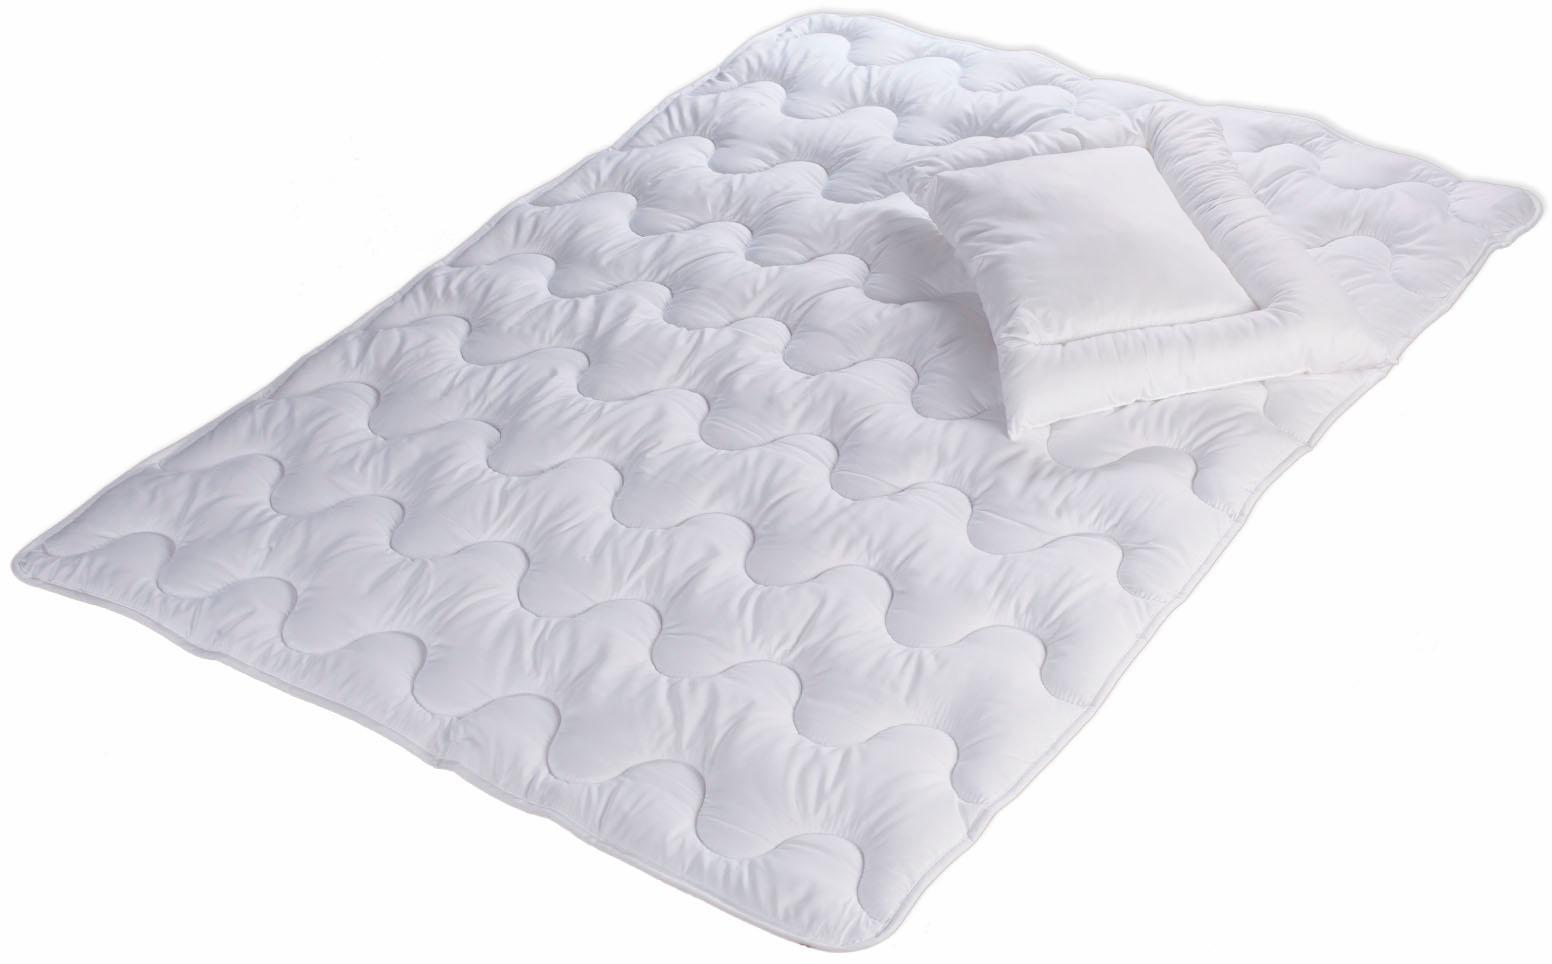 Kinderbettdecken + Kopfkissen Wendre Wendre normal   Kinderzimmer > Textilien für Kinder > Kinderkissen   Weiß   Wendre